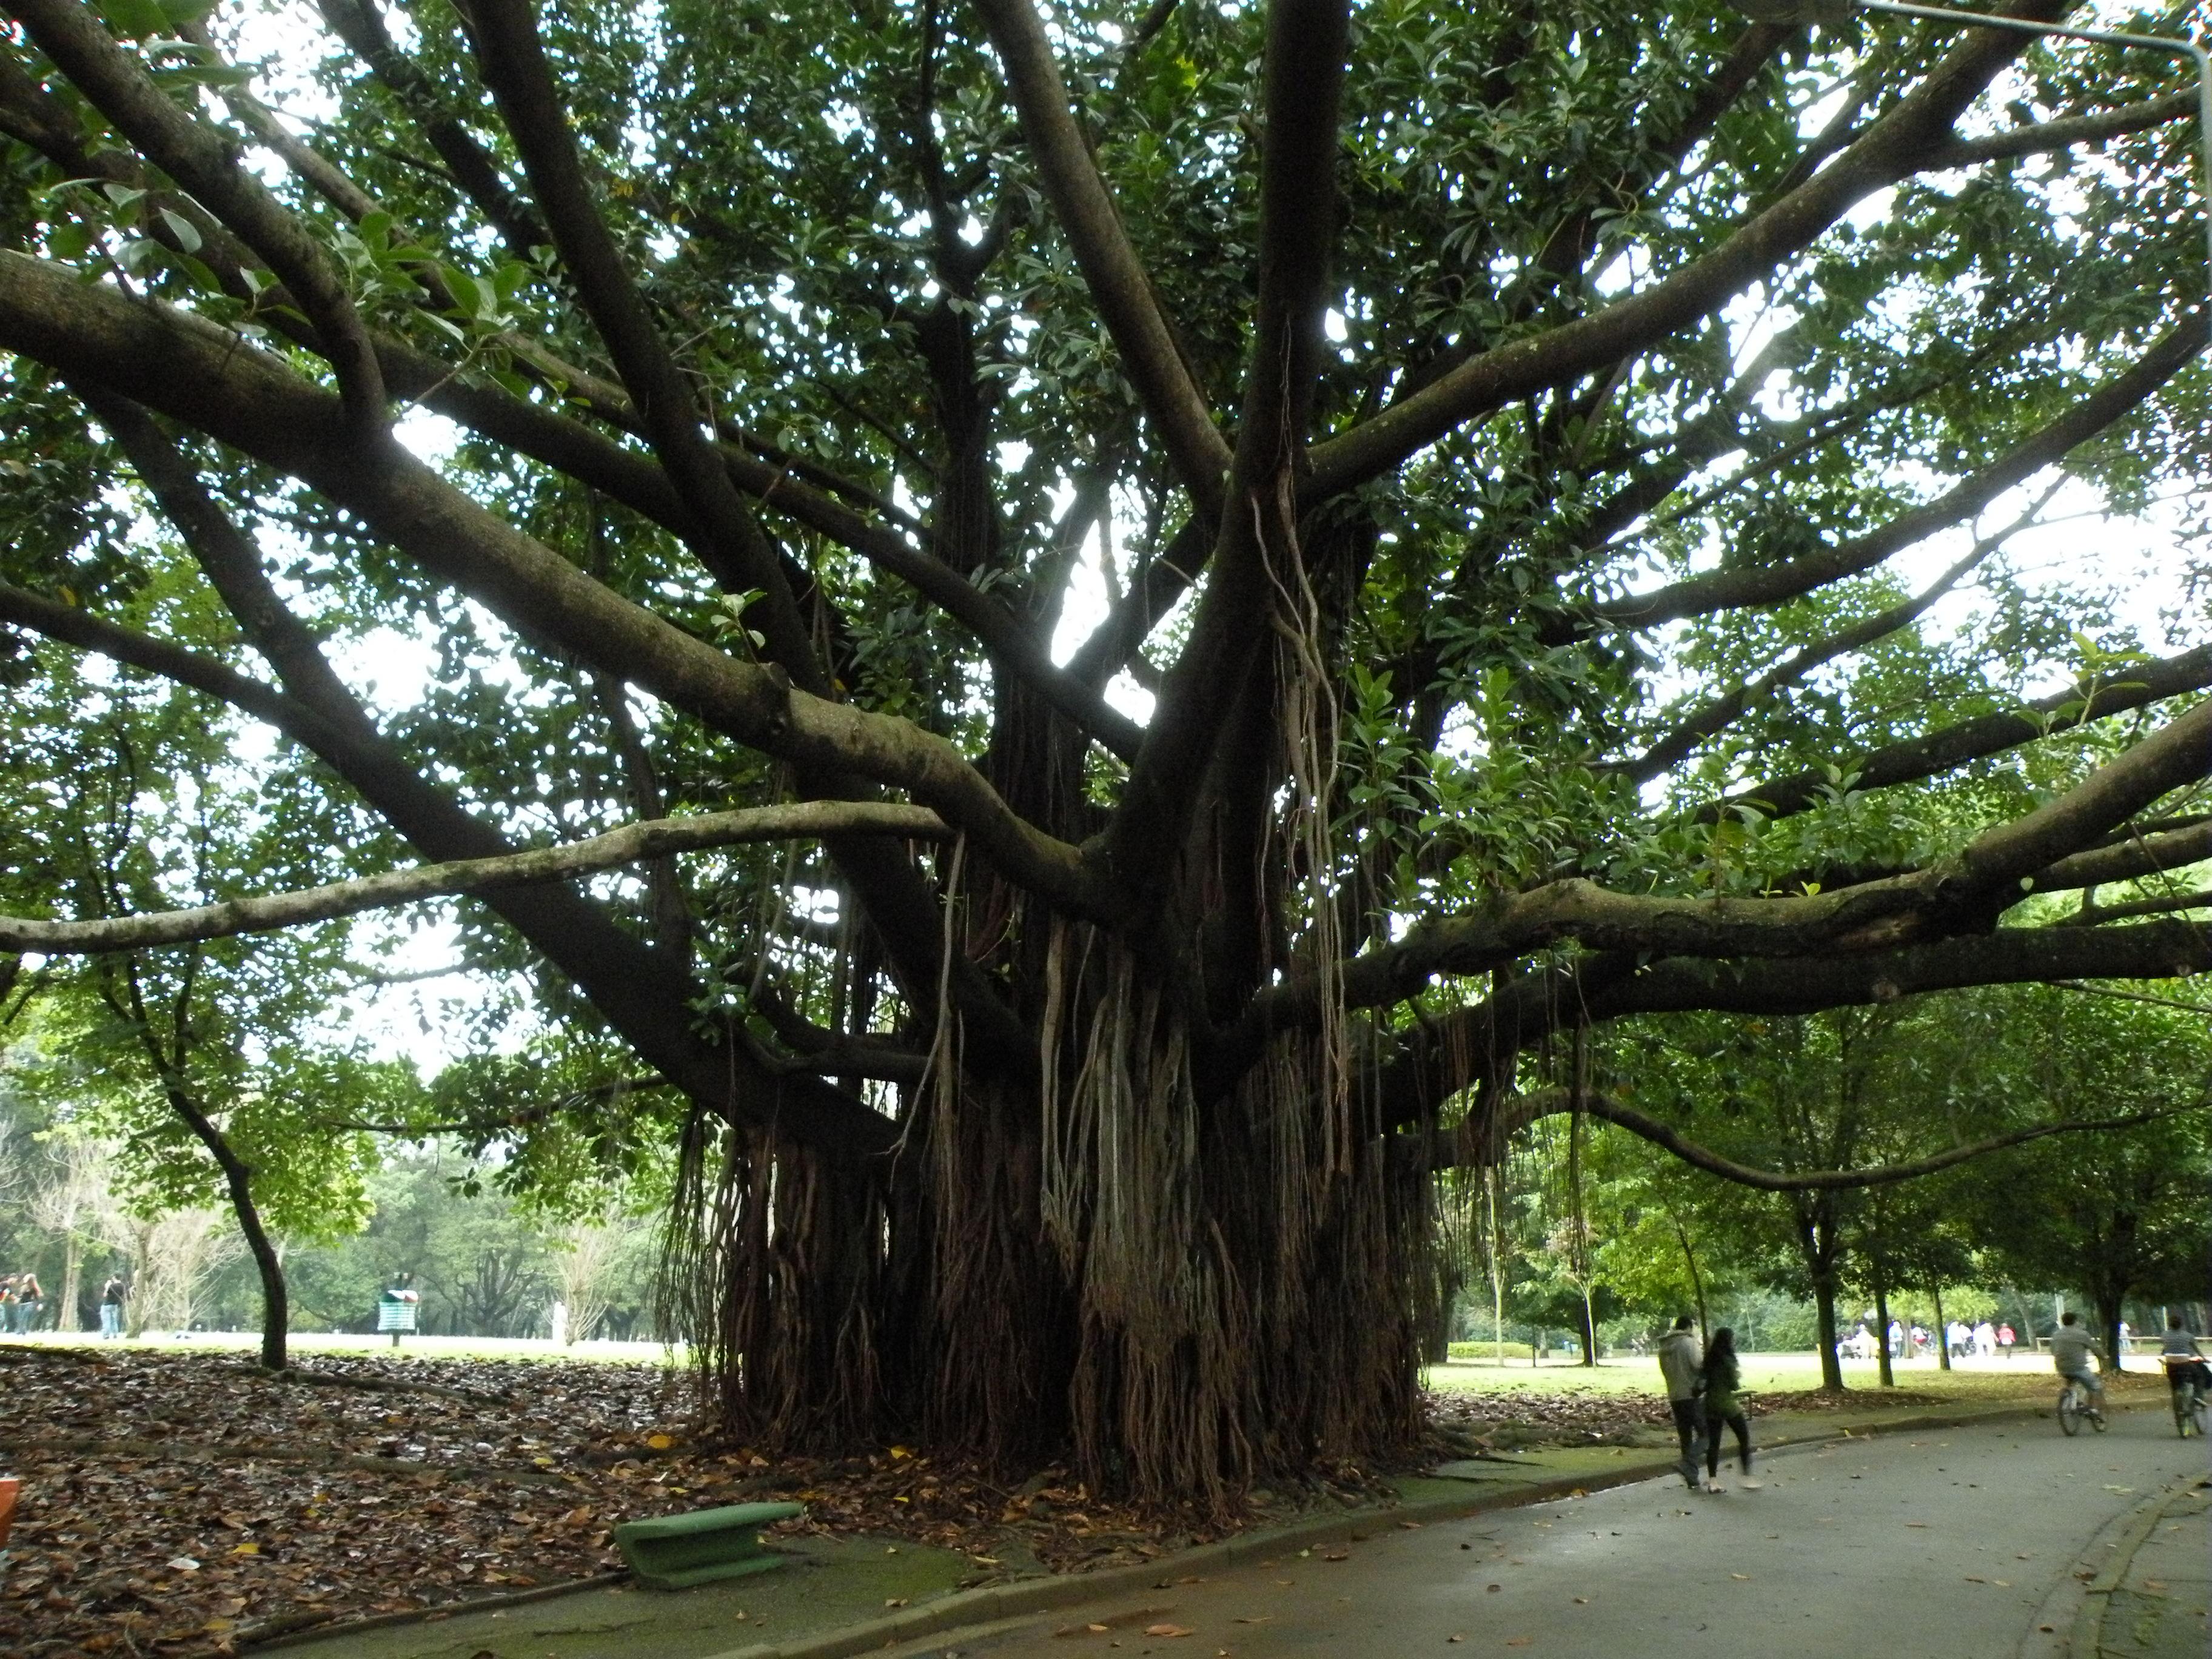 Mata atl ntica versus plantas ex ticas um grande equ voco - Ficus elastica cuidados ...